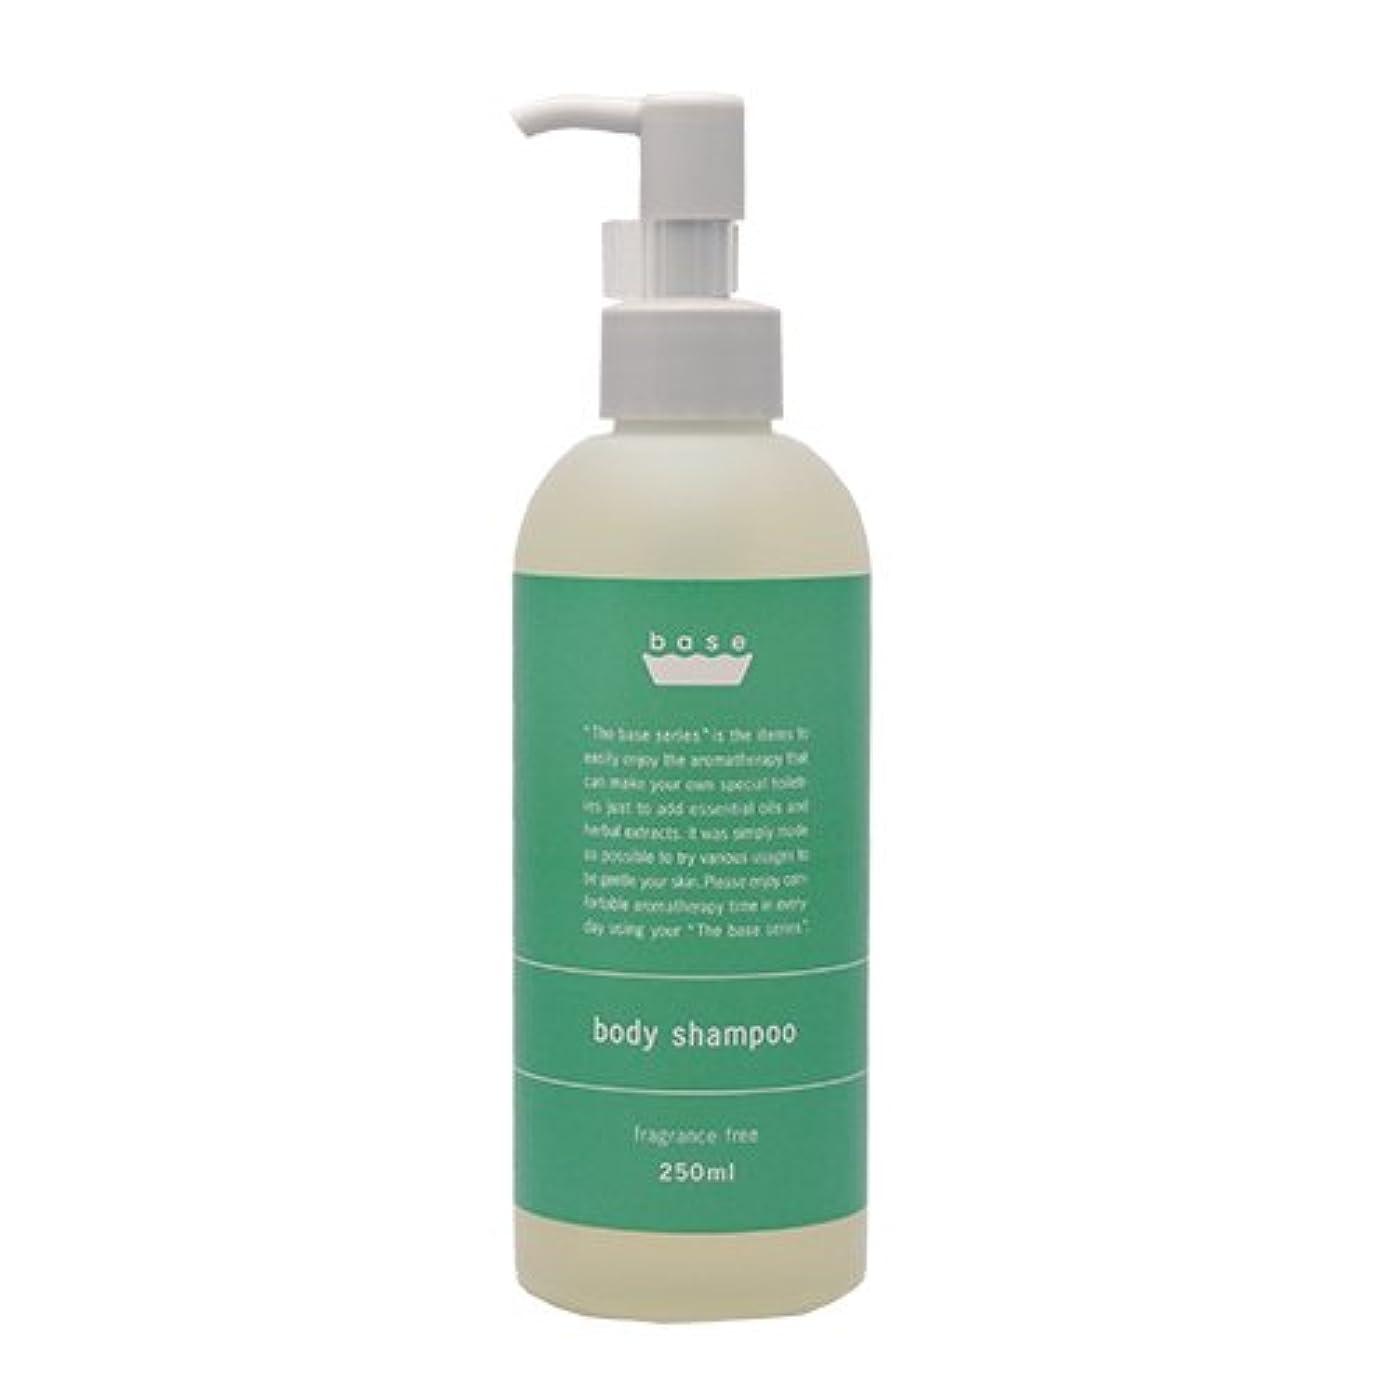 間ピカソ二層フレーバーライフ(Flavor Life) フレーバーライフ base body shampoo(ボディーシャンプー)250ml ボディソープ